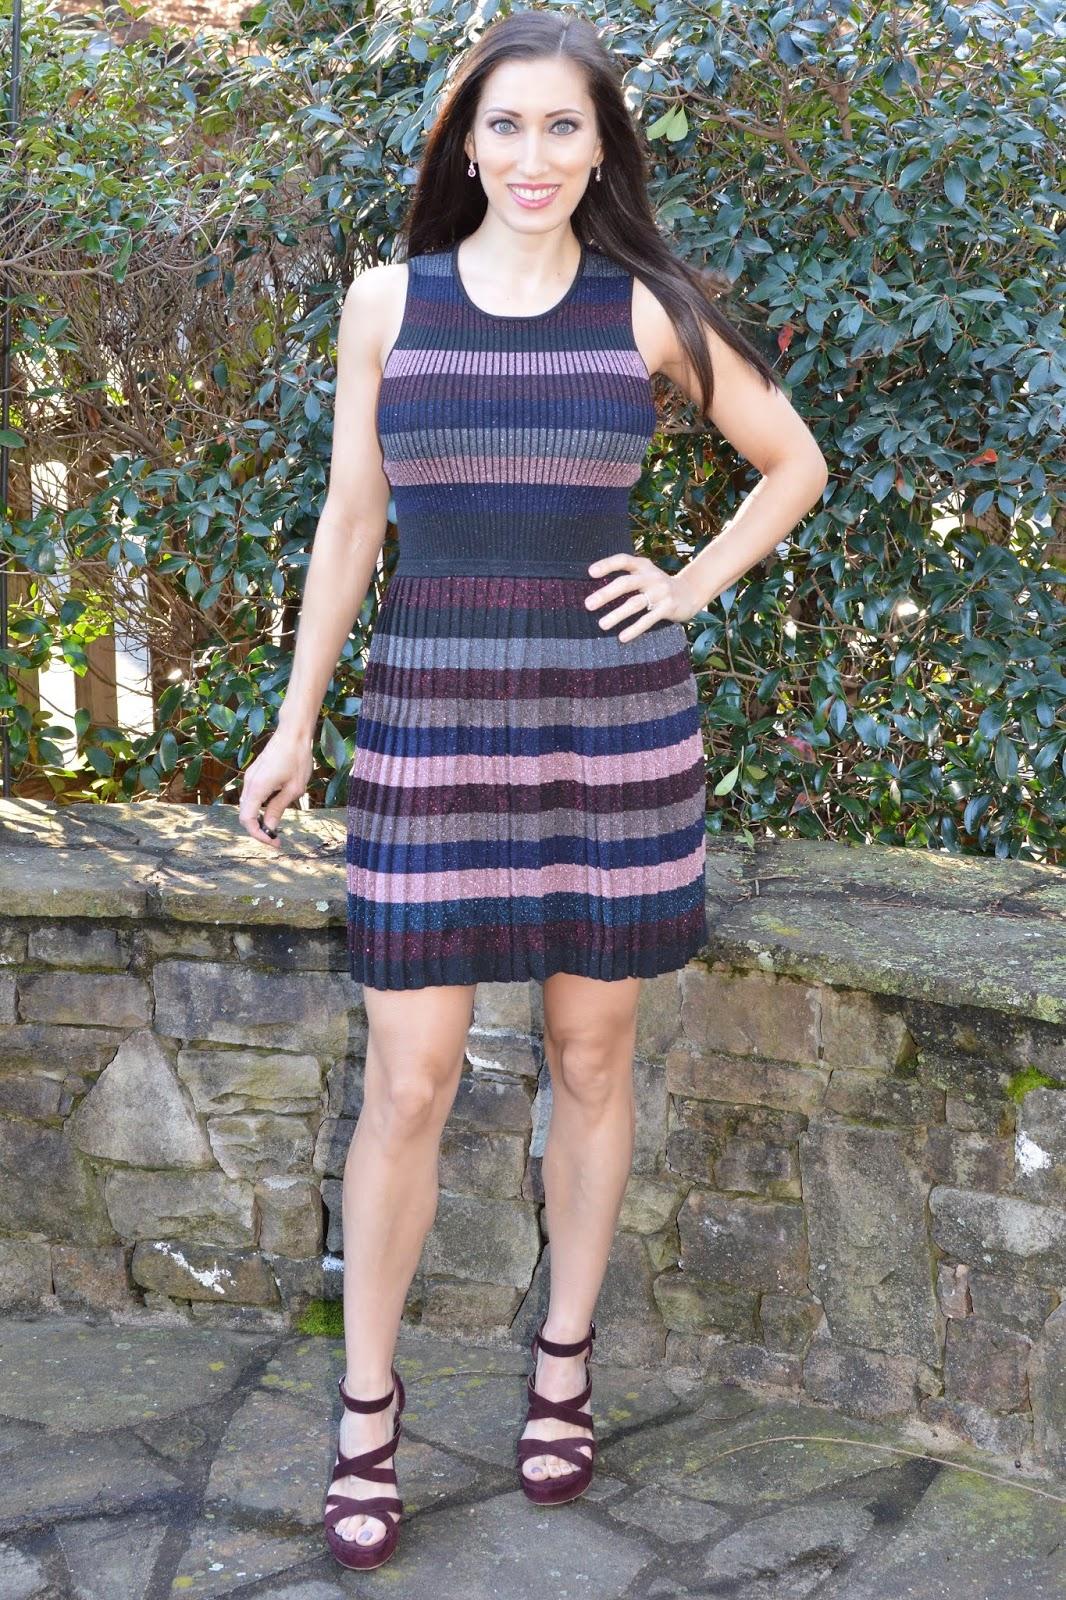 f745fe116c2 Everyday Fashionista - Atlanta Blogger: March 2019